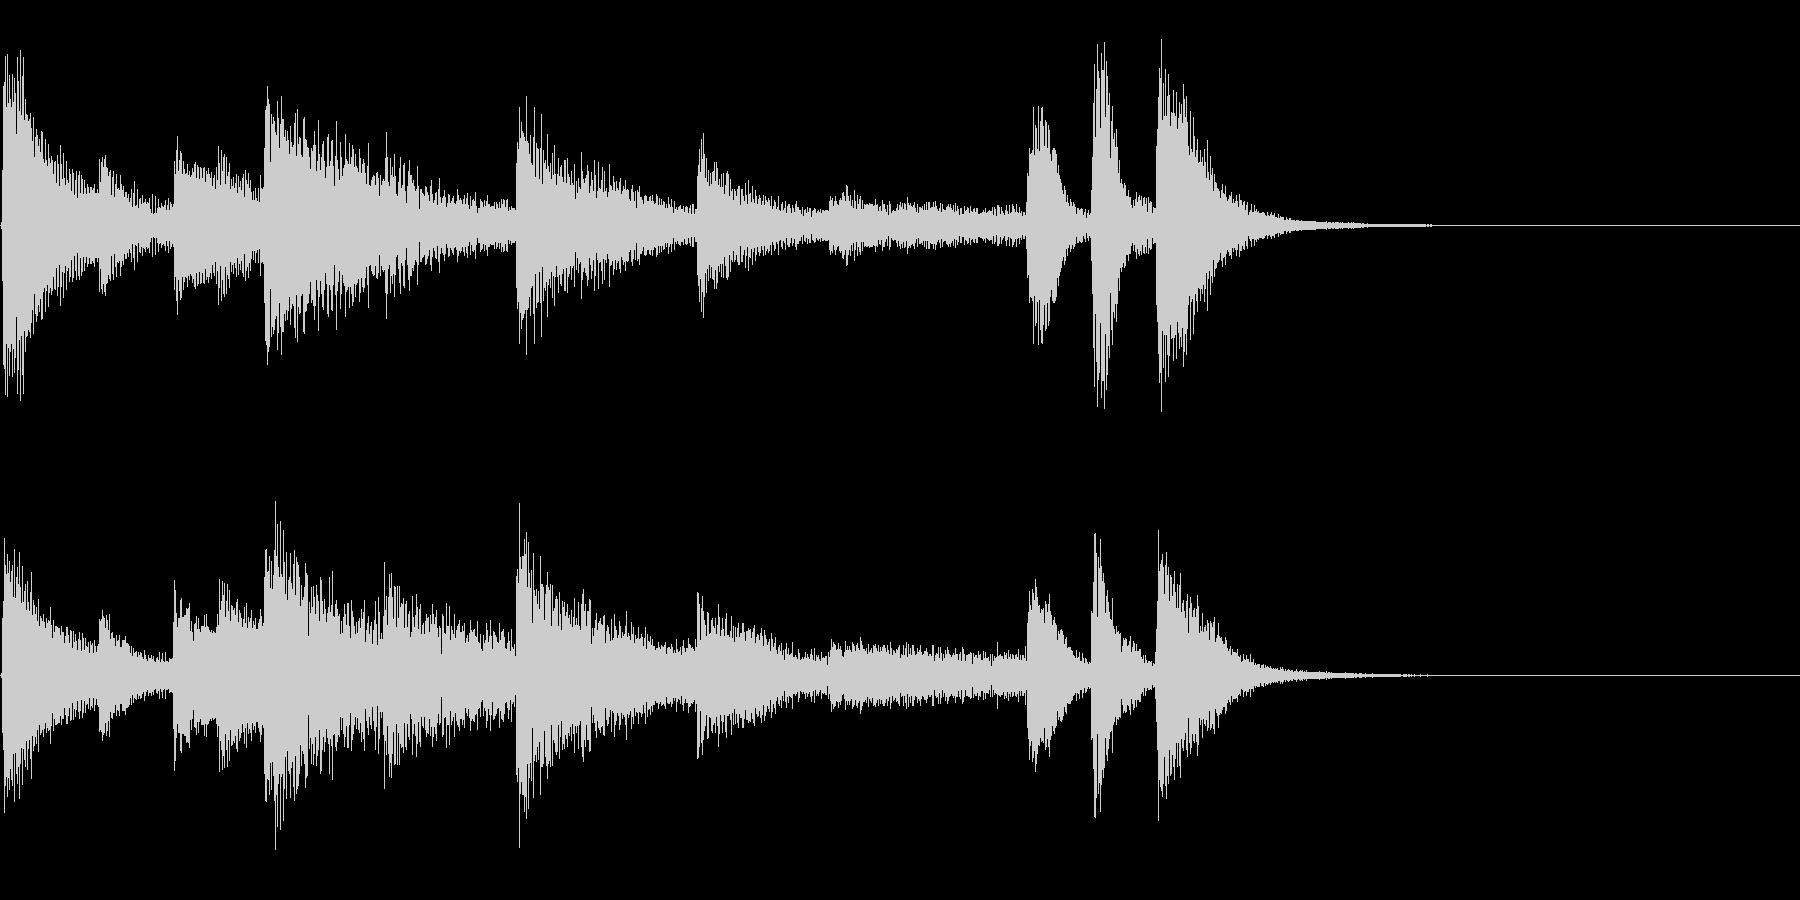 かわいいピアノジングルの未再生の波形